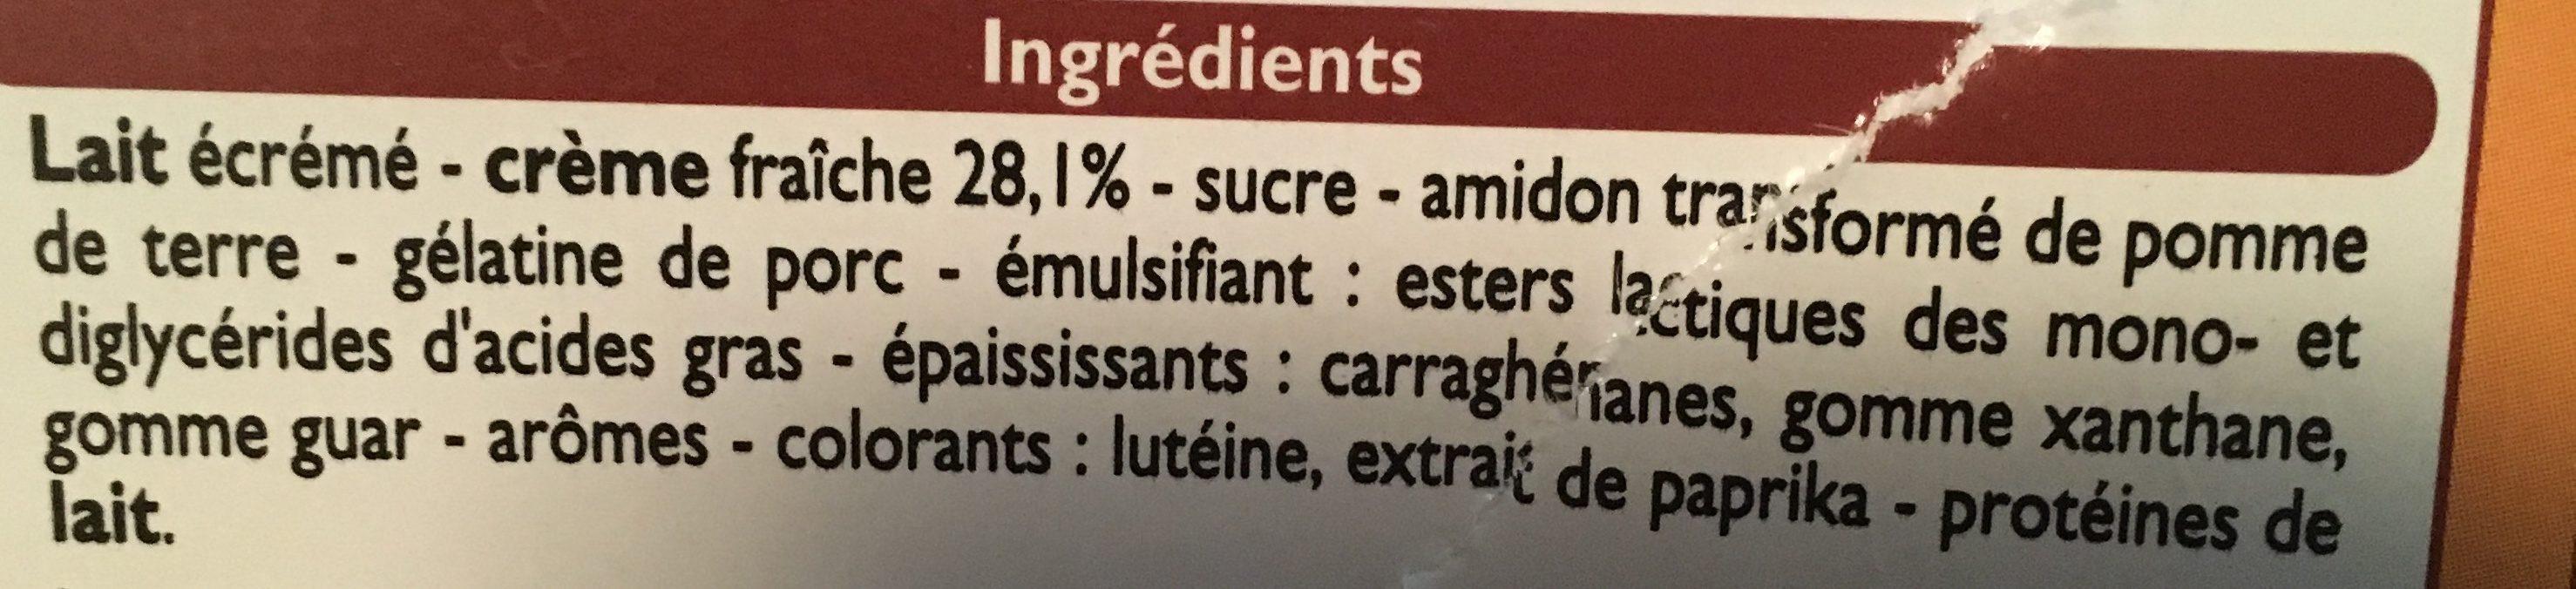 Mousse liègeoise, goût vanille - Ingrediënten - fr